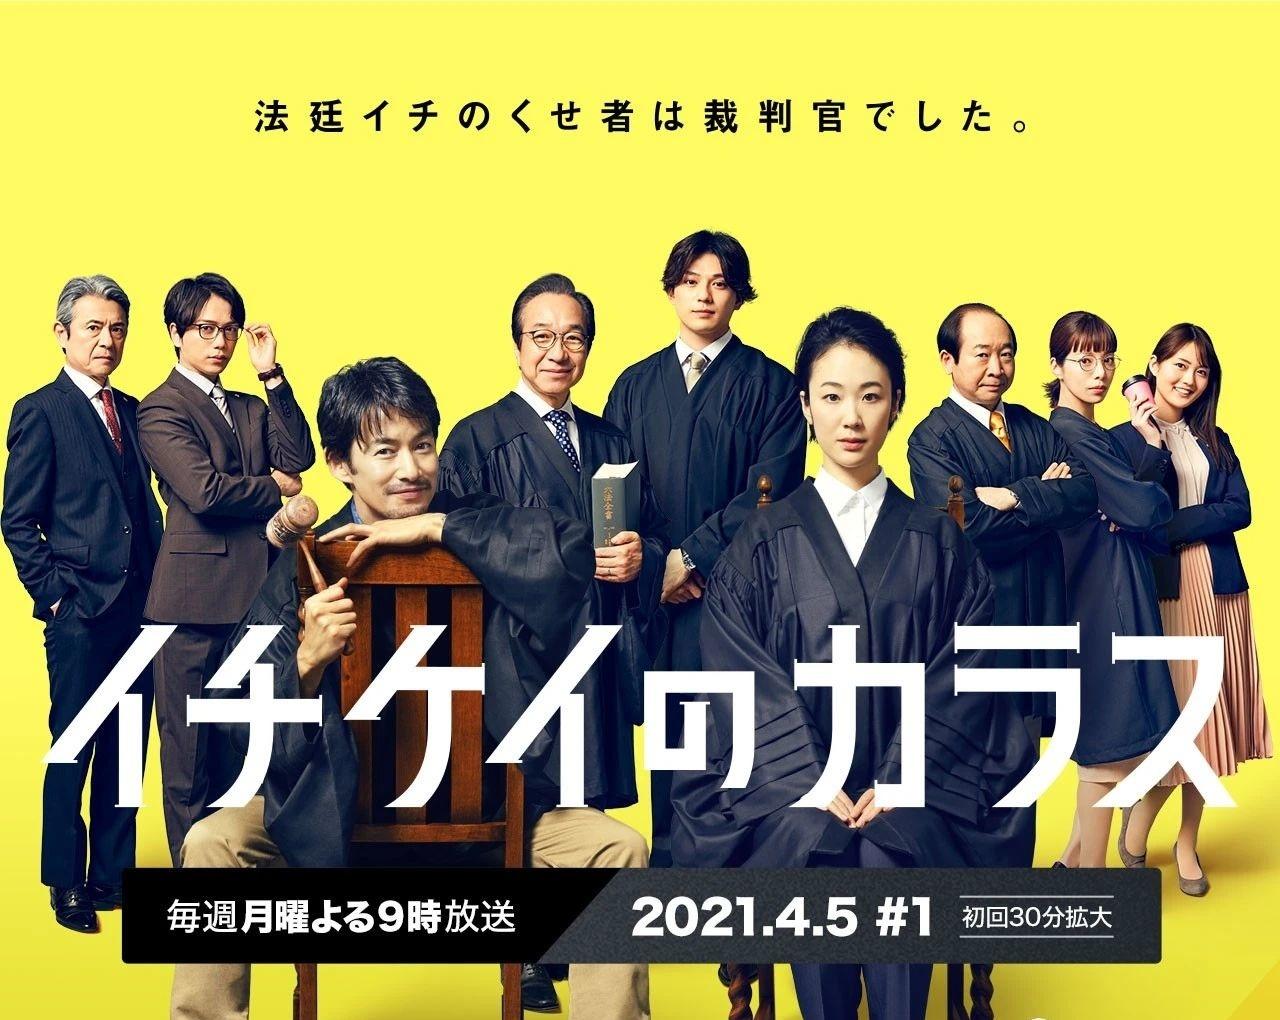 日本娱乐圈最后的独身大牌演员竹野内丰还没有结婚的迹象 (13)